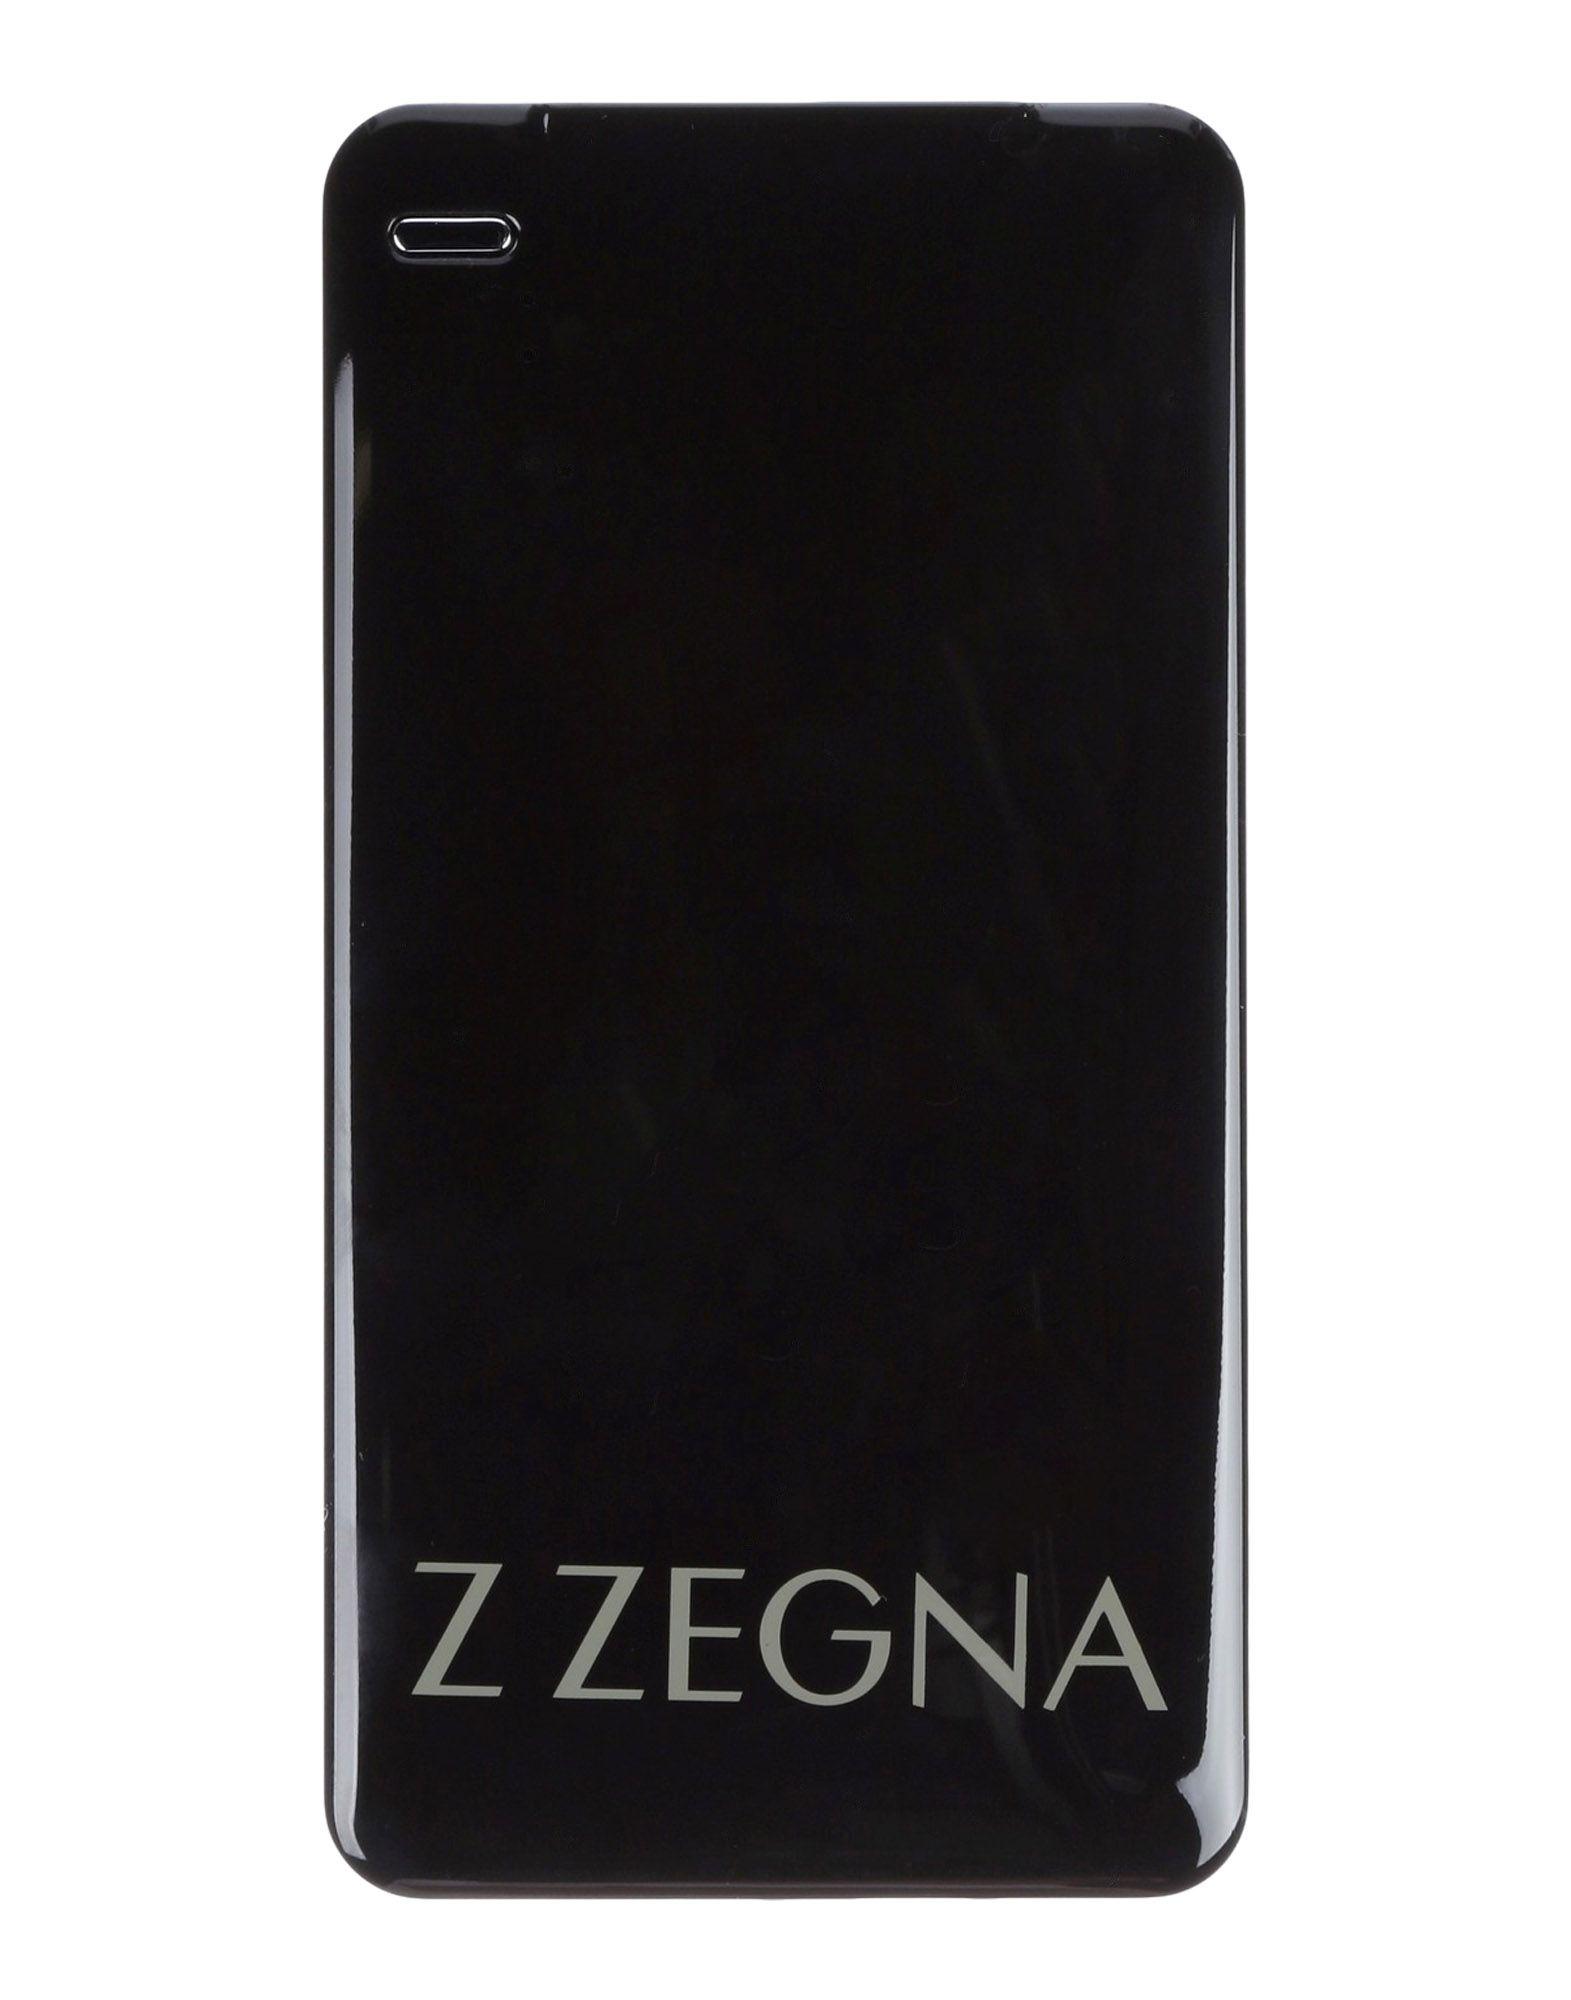 A buon - mercato Giubbotto Zzegna Uomo - buon 41820890TQ acf41f